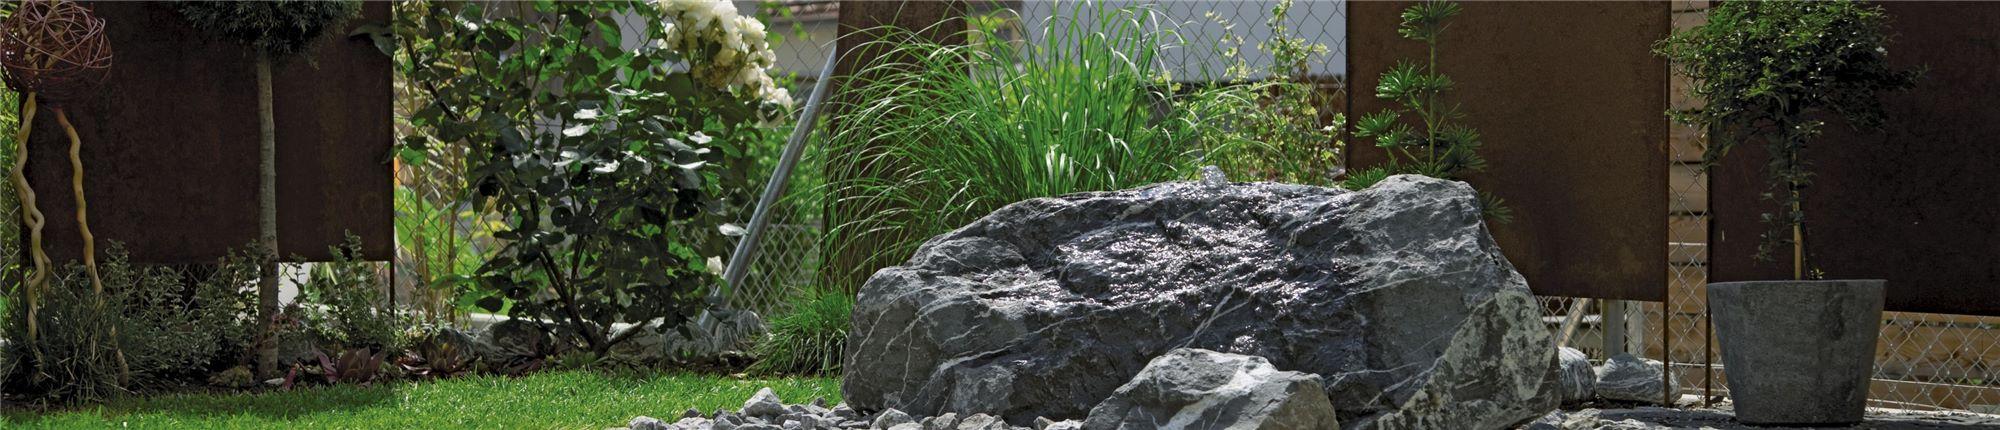 Astuces Pour Créer Votre Jardin De Rocaille - Gardena destiné Modeles De Rocailles Jardin